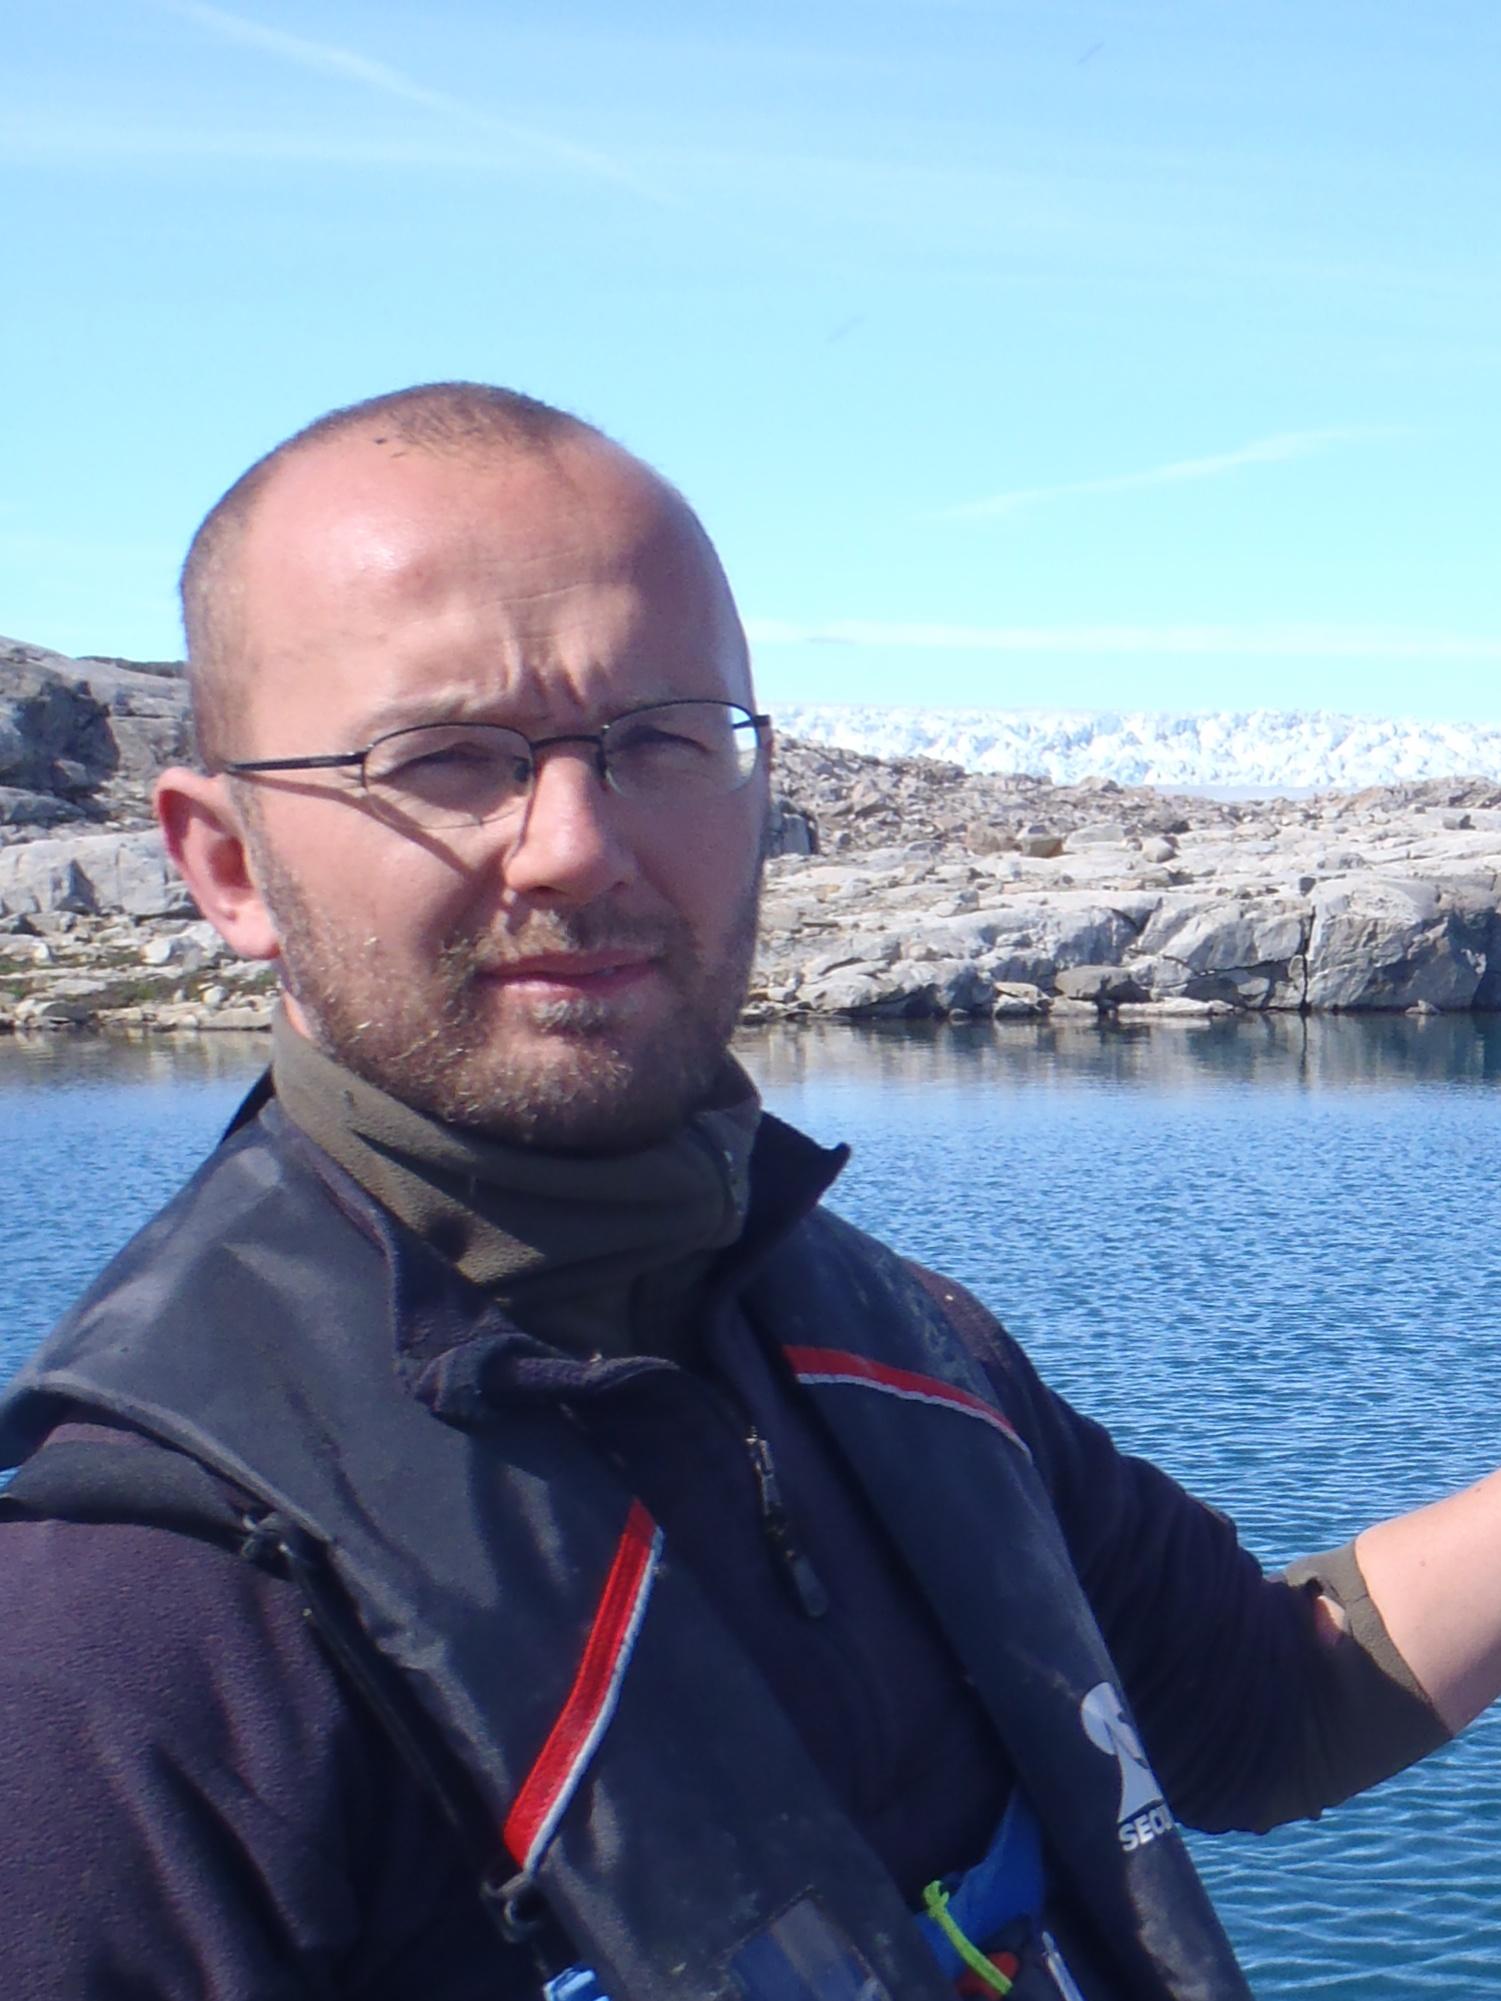 Nicolaj Krog Larsen